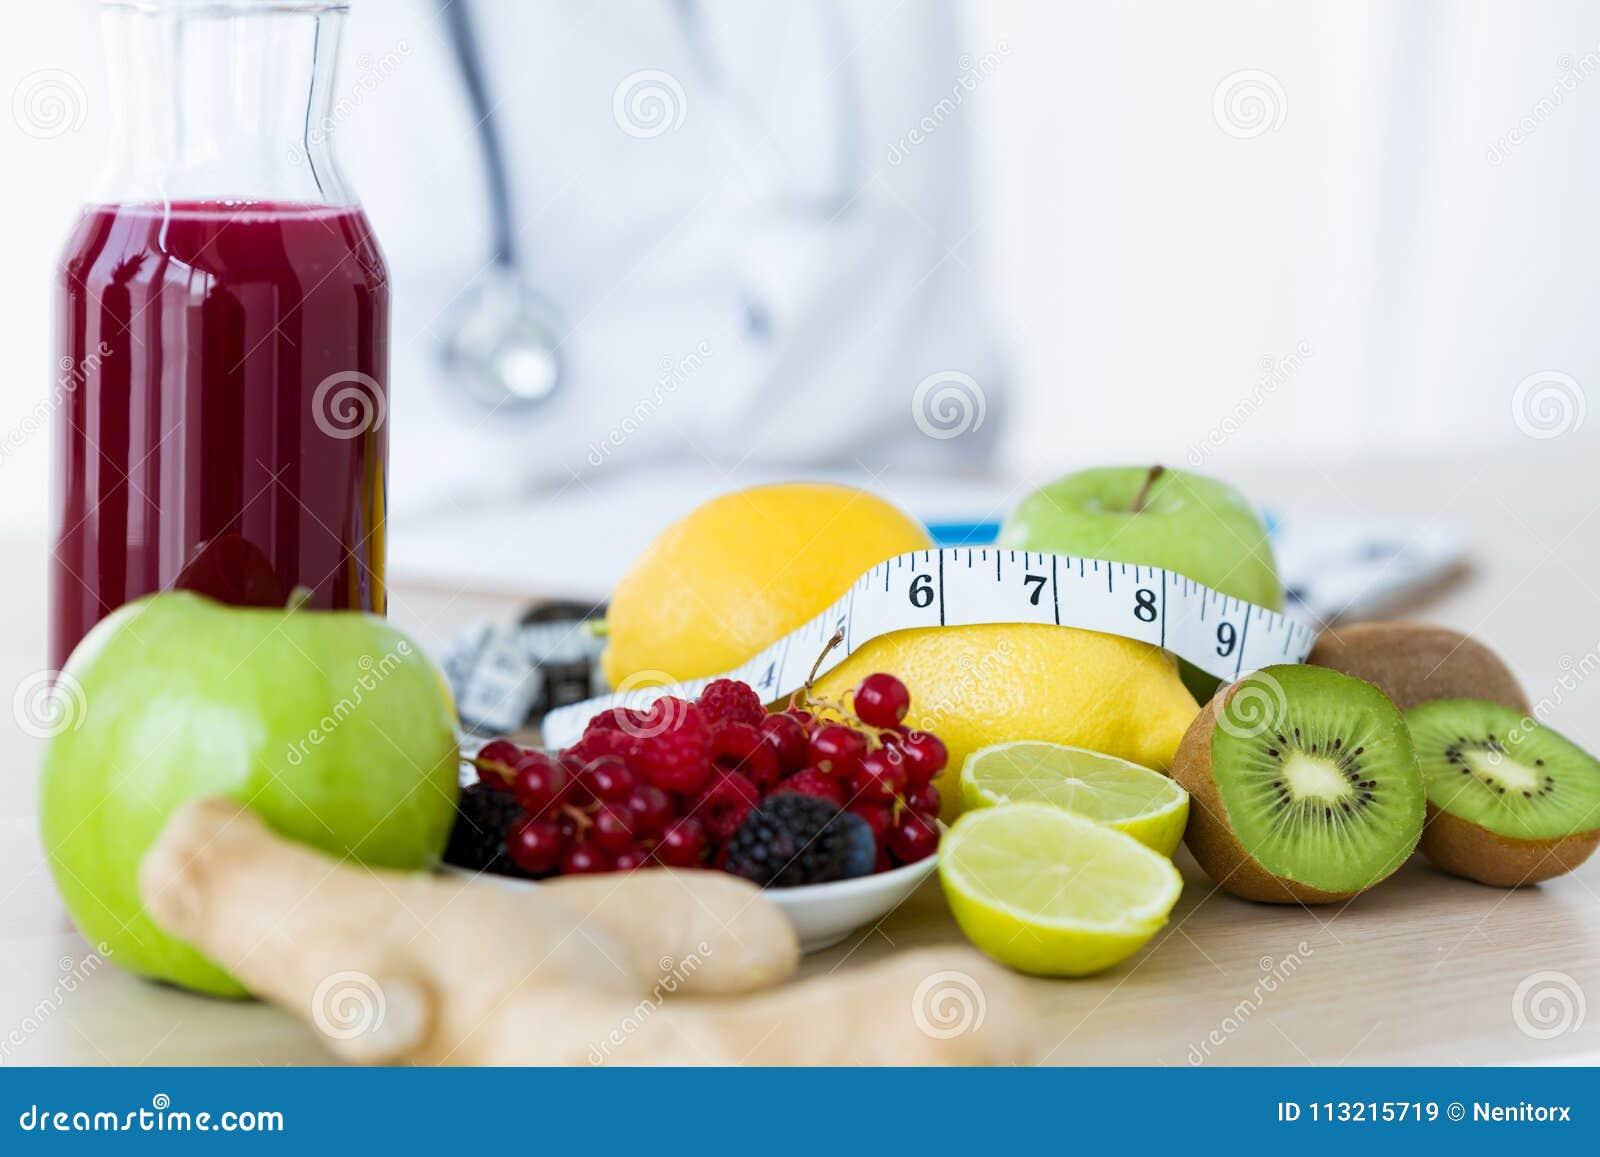 Niektóre owoc tak jak jabłka, kiwi, cytryny i jagody na żywionym stole,